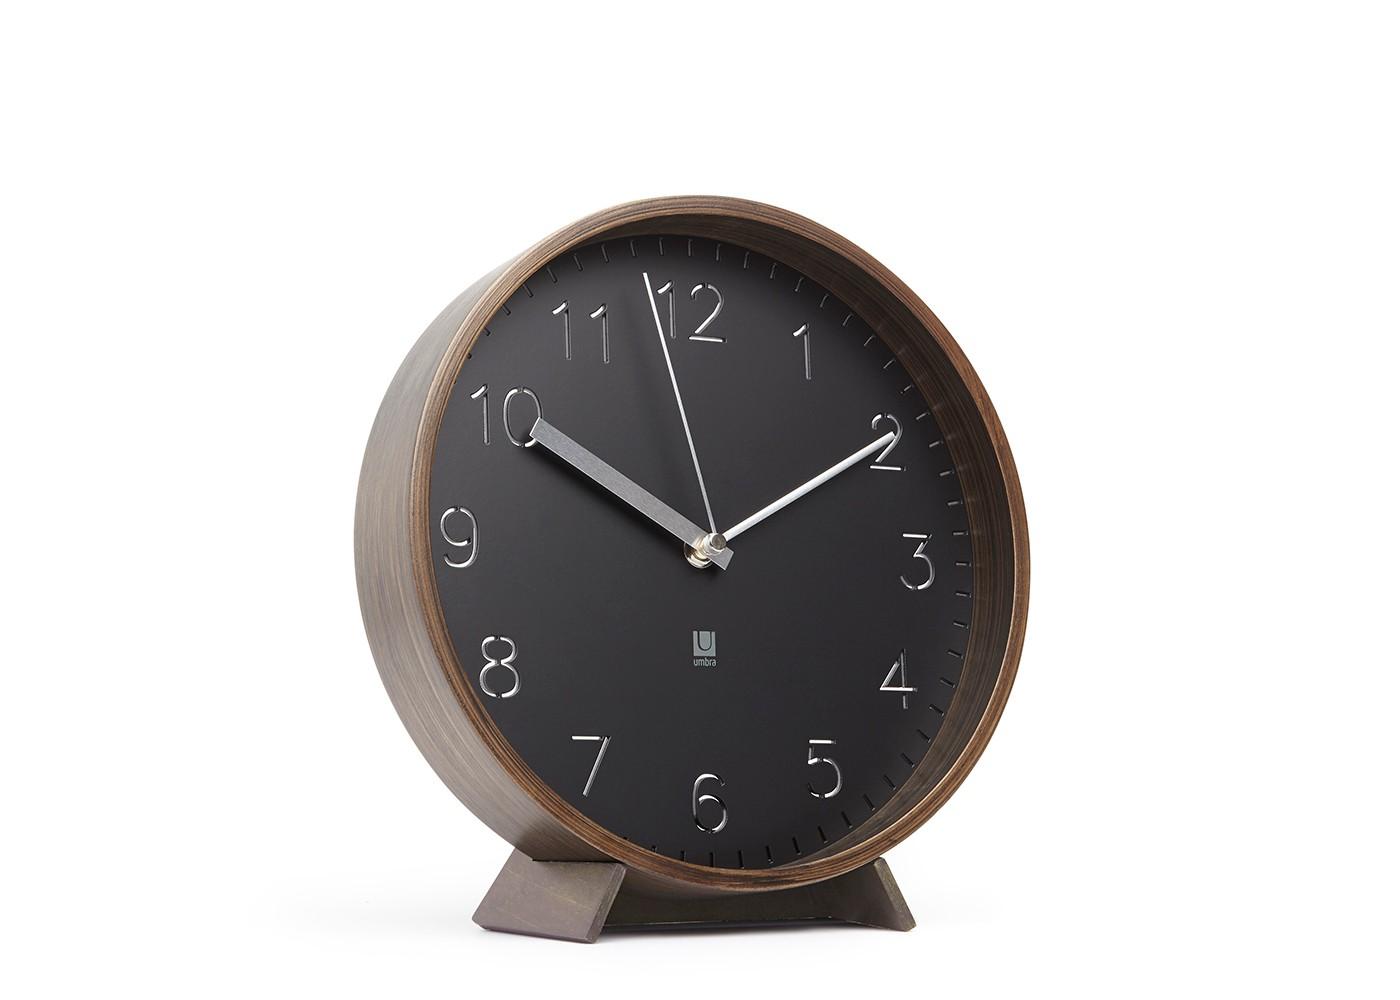 Часы настенные RimwoodНастенные часы<br>Благородное сочетание корпуса из берёзы, тонированной под орех, и стального перфорированного циферблата. Стильное решение для поклонников 70-х. Часы можно как повесить на стену, так и поставить на стол (подставка идёт в комплекте). Кварцевый механизм. Бесшумный ход. Работают от одной стандартной батарейки АА (в комплект не входит).&amp;lt;div&amp;gt;&amp;lt;br&amp;gt;&amp;lt;/div&amp;gt;&amp;lt;div&amp;gt;Дизайн: Darryl Agawin&amp;lt;/div&amp;gt;<br><br>Material: Дерево<br>Высота см: 27<br>Глубина см: 8